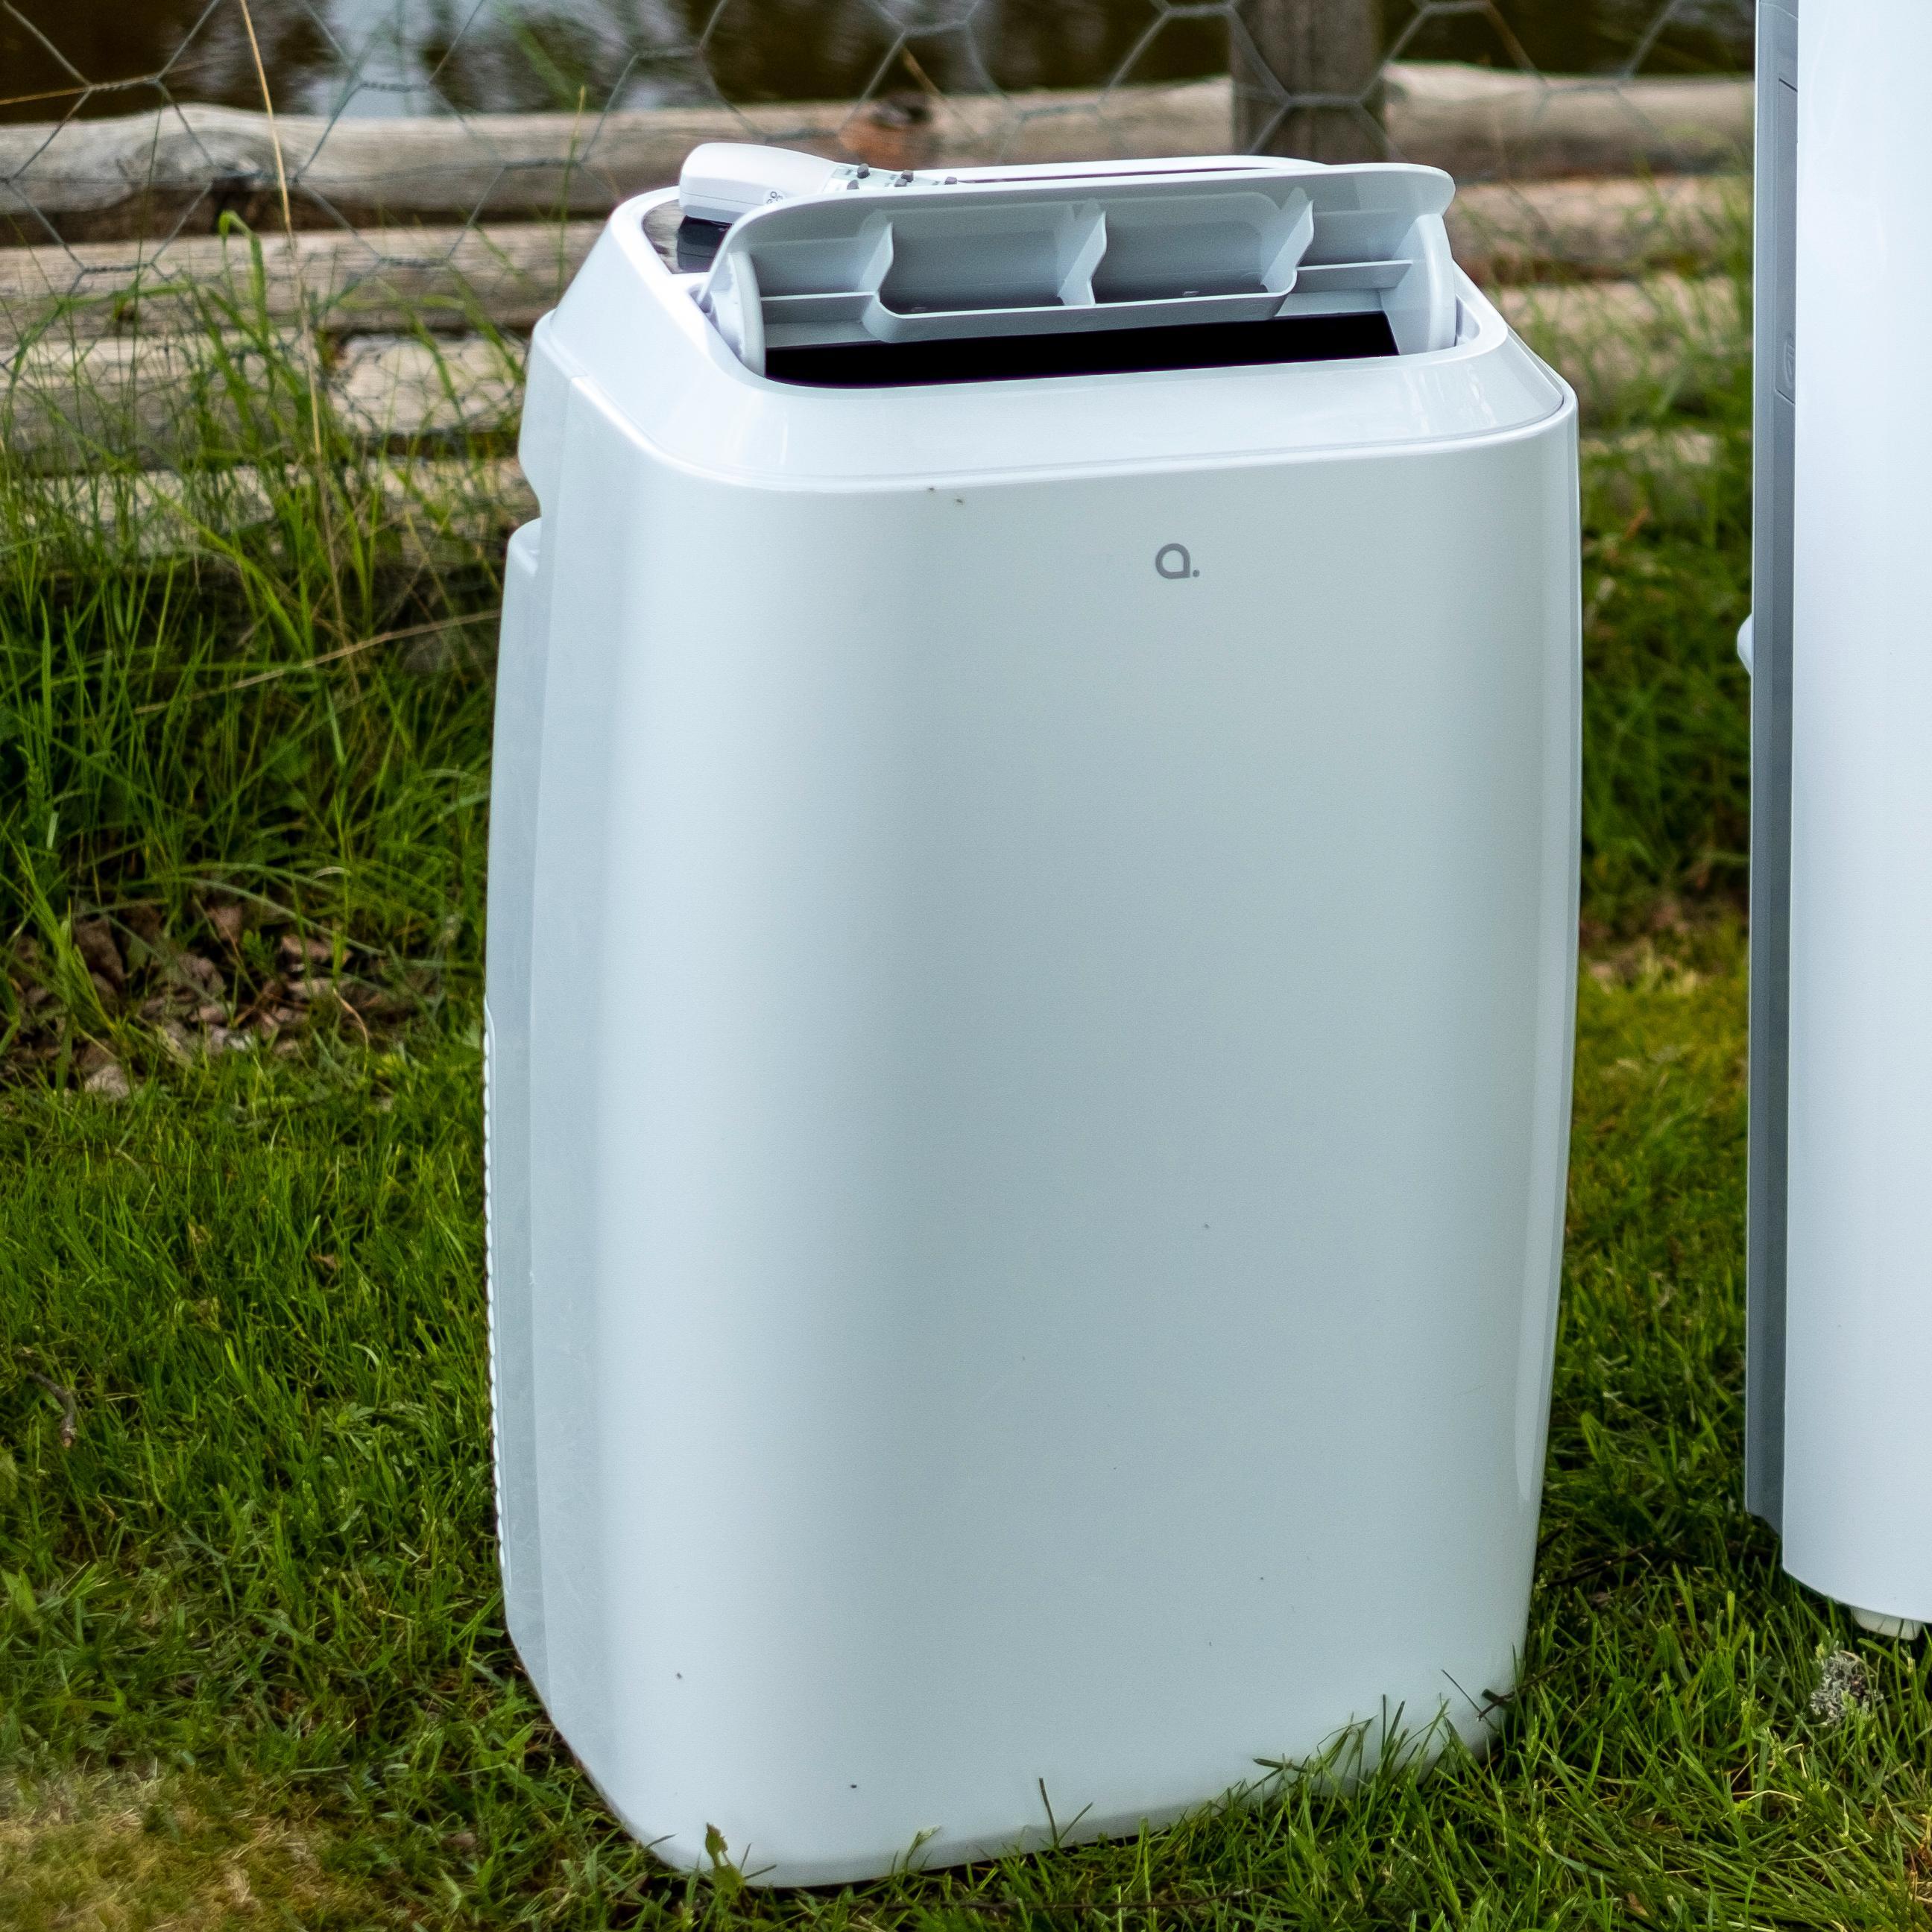 Andersson-maskinen er liten og relativt lett. Den er fin til å flytte inn og ut av boden med været og sesongene.